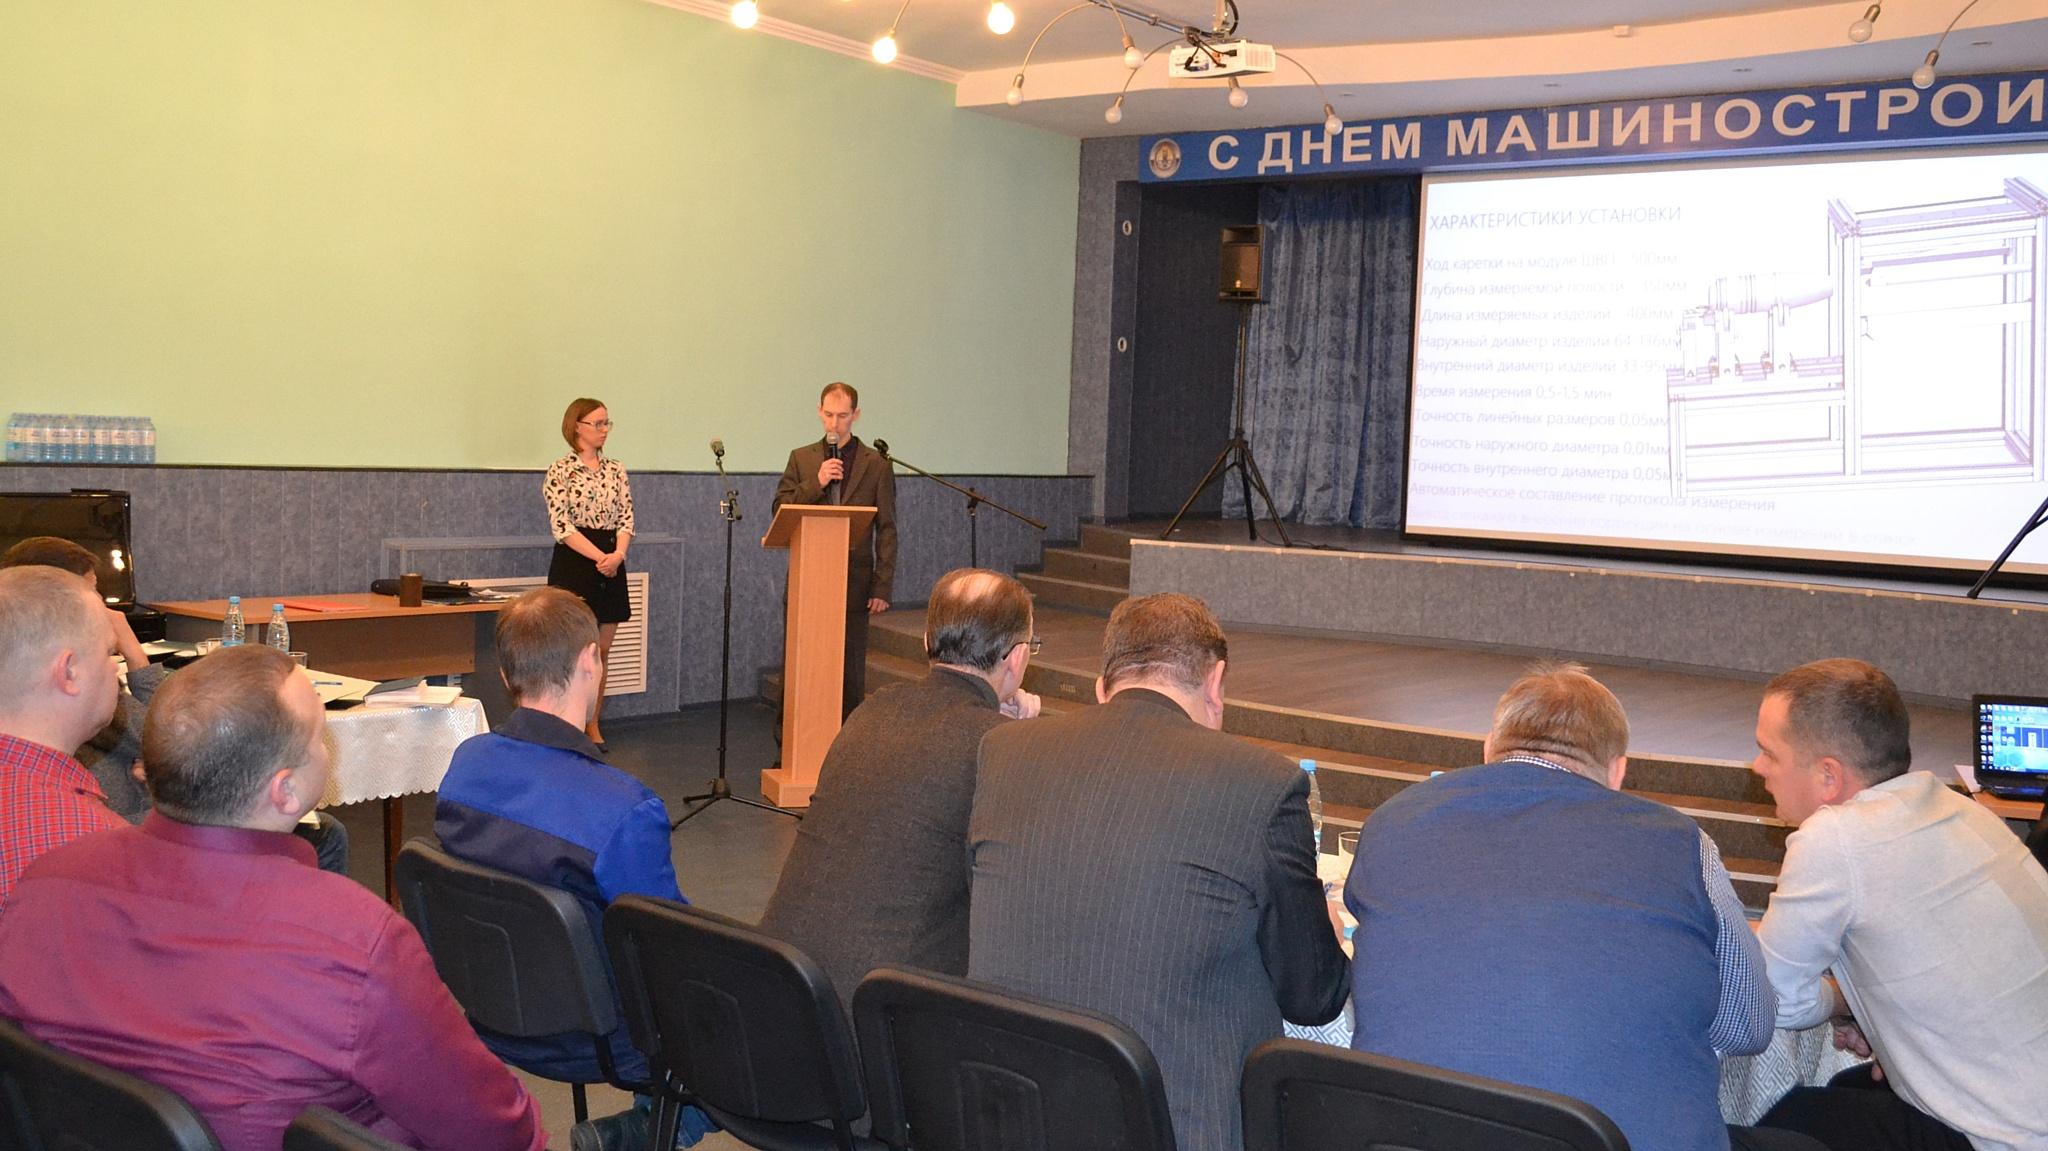 На СМЗ состоялась первая часть научно-практической конференции